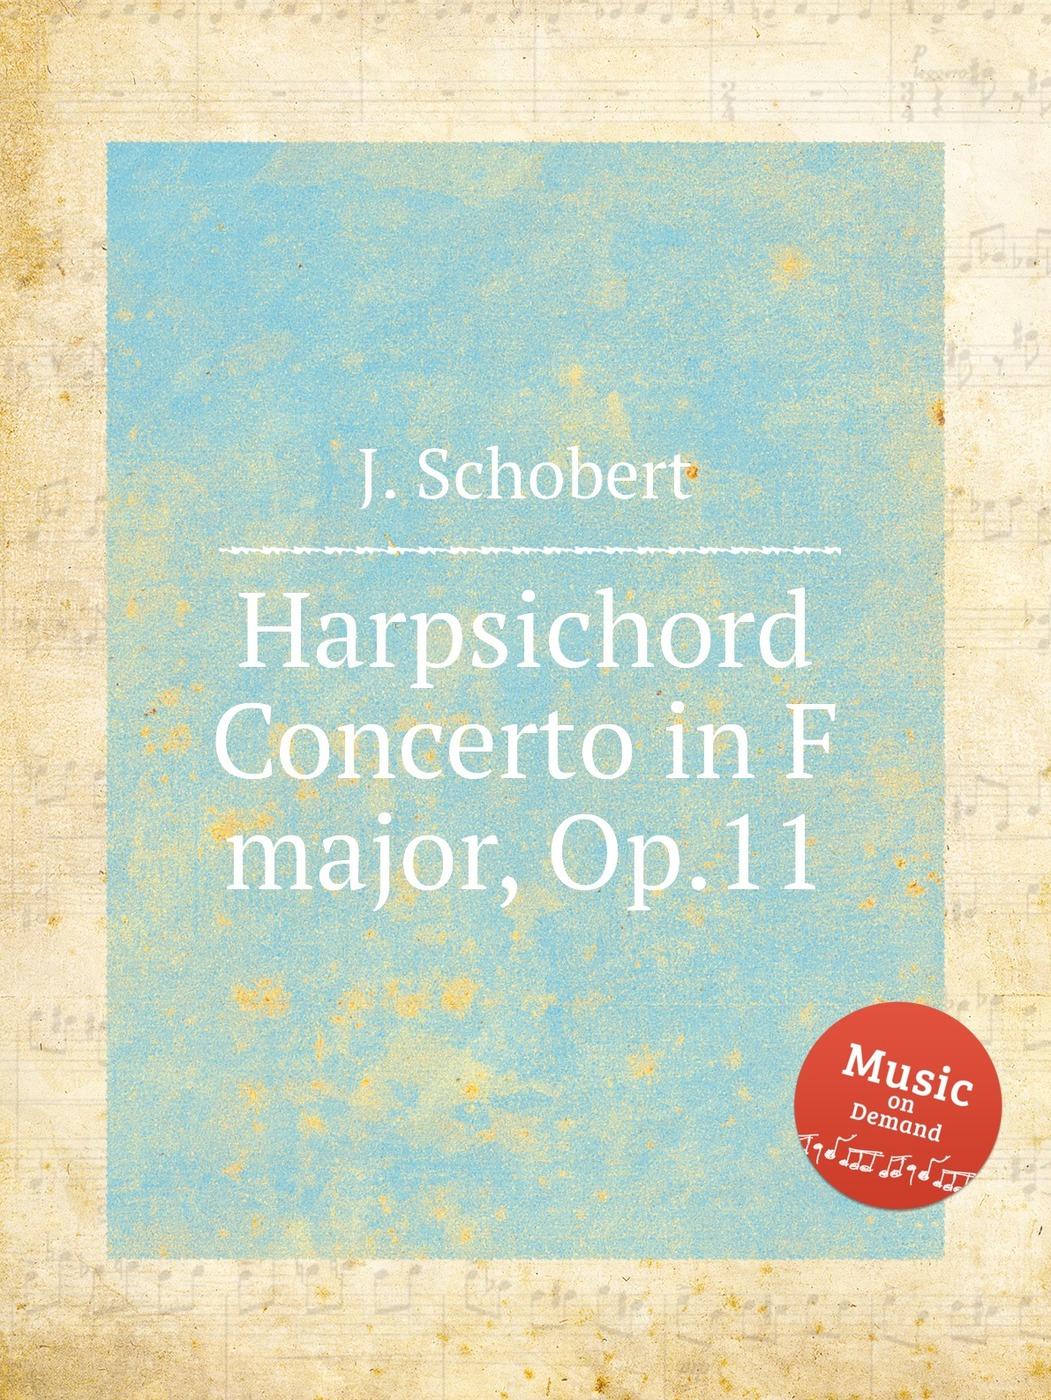 Harpsichord Concerto in F major, Op.11